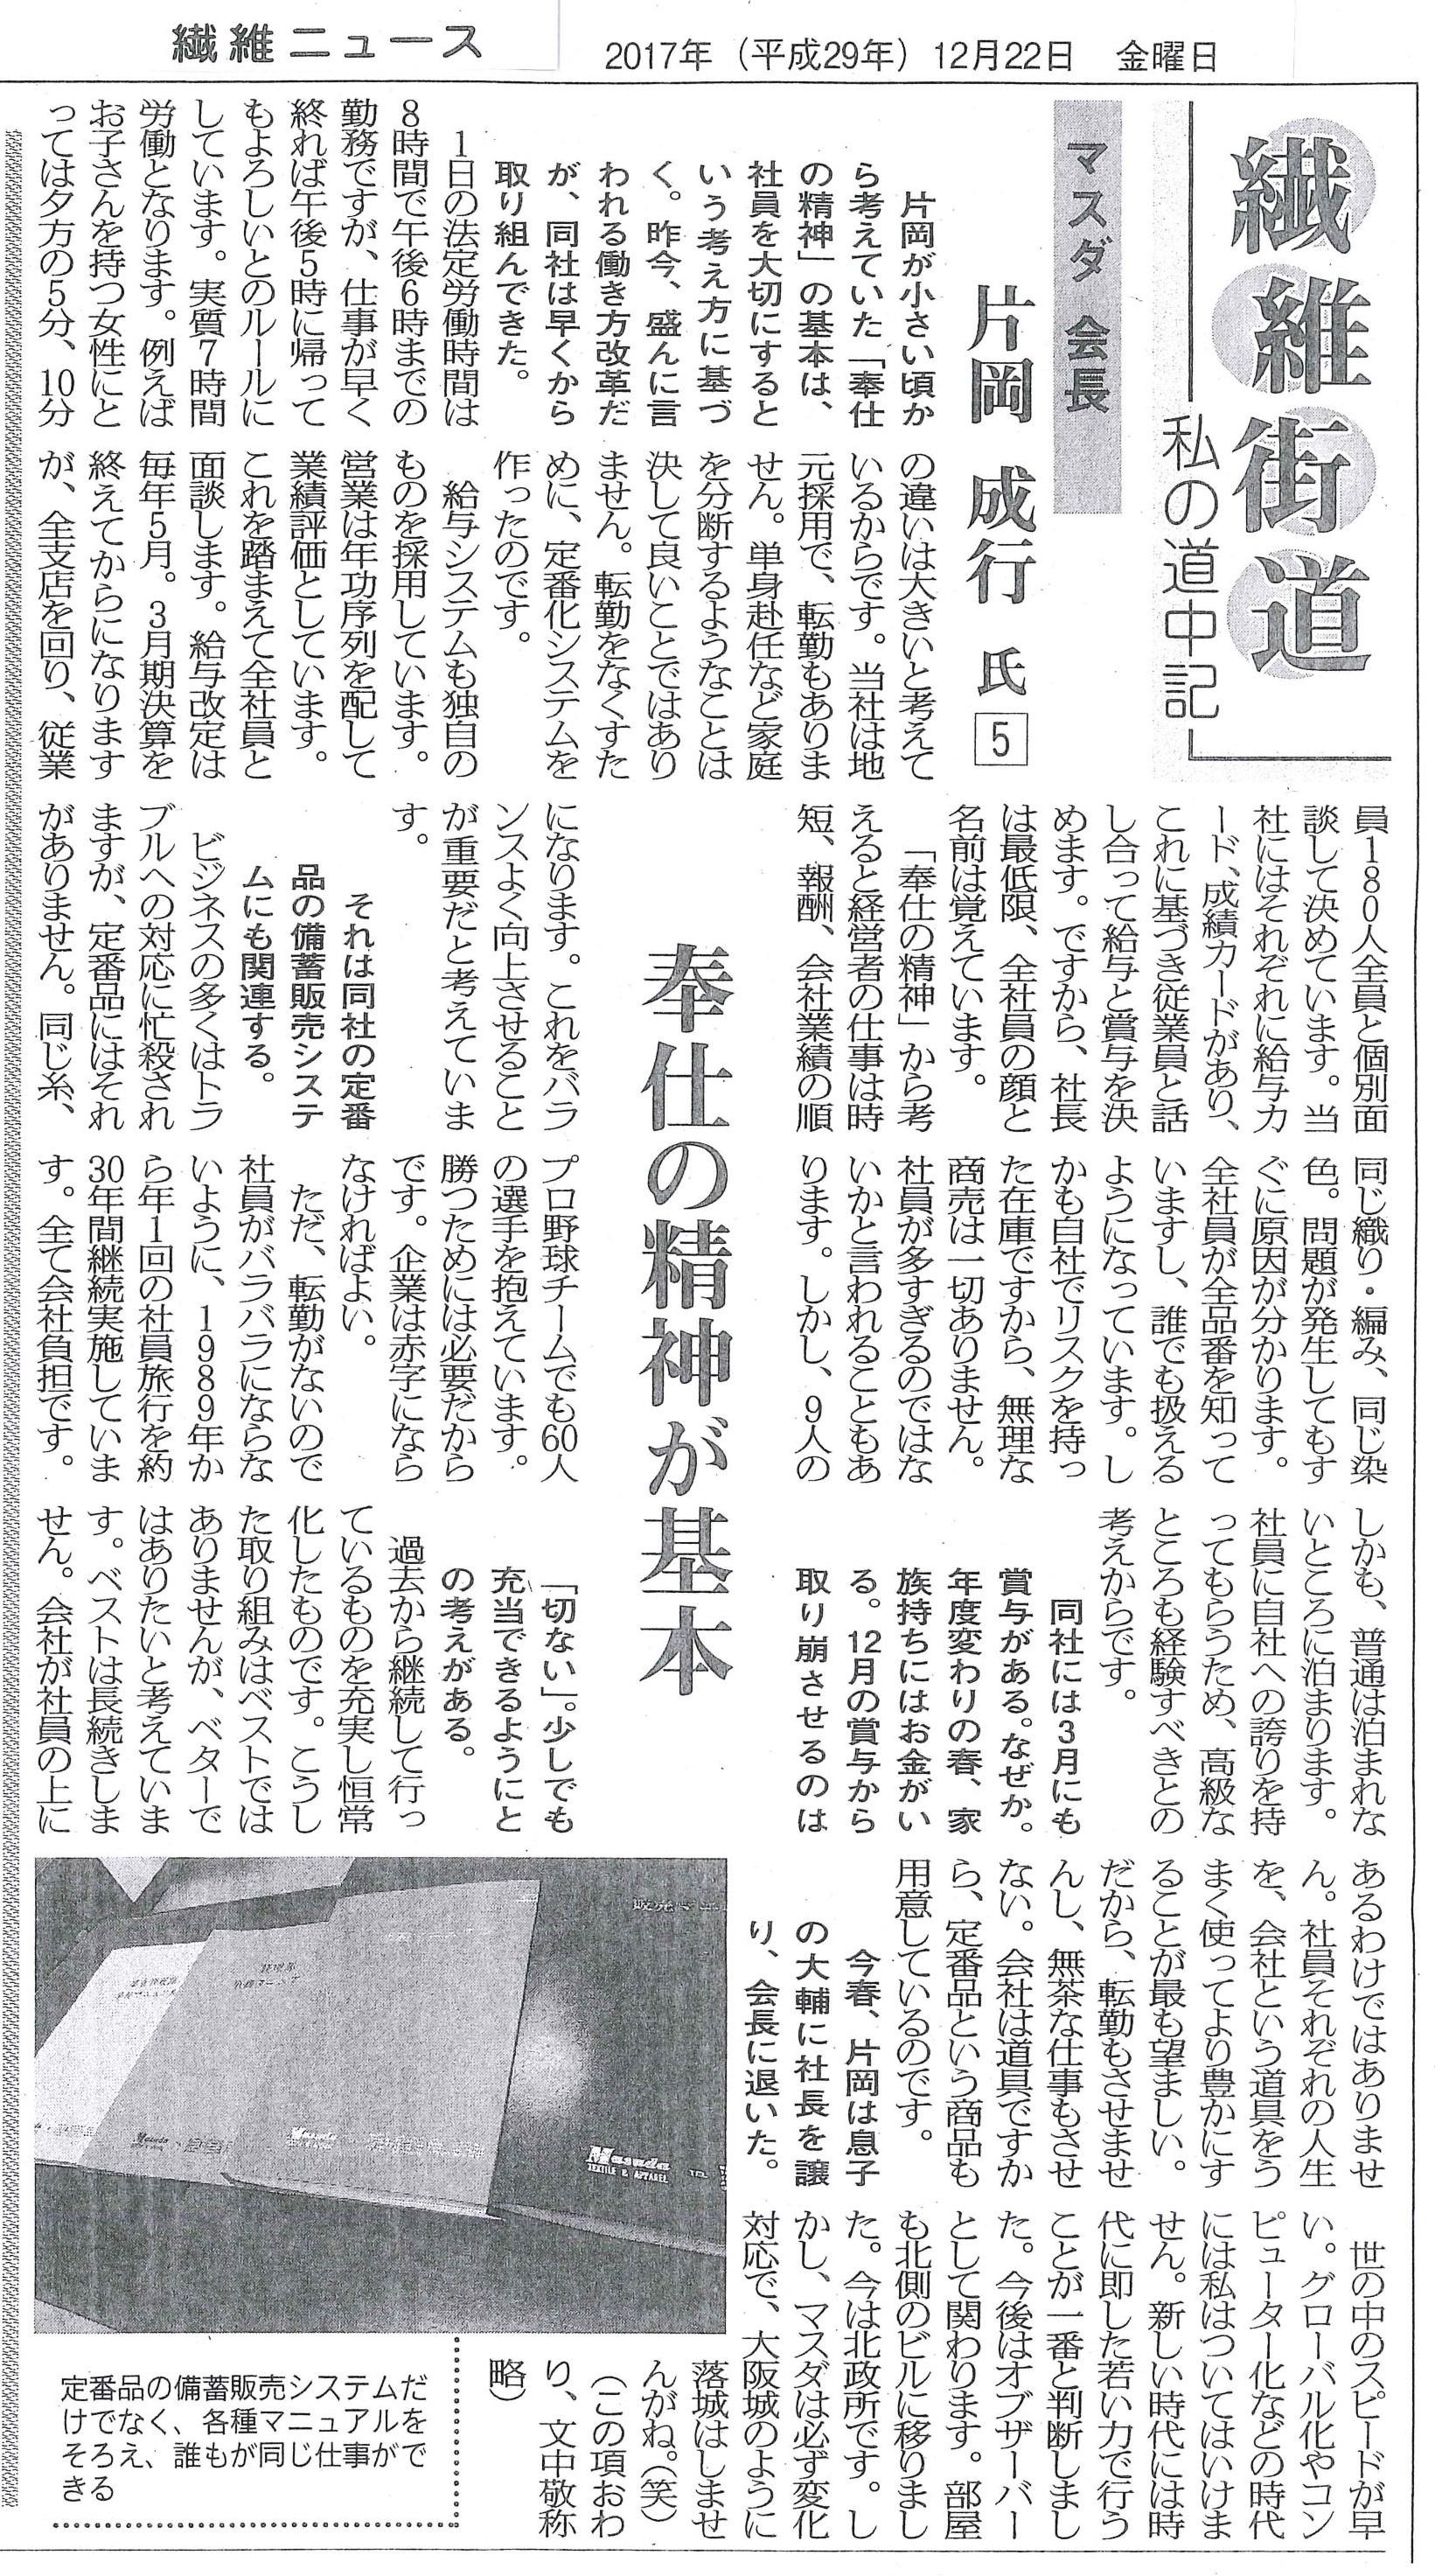 【繊維ニュース】繊維街道「片岡成行⑤」